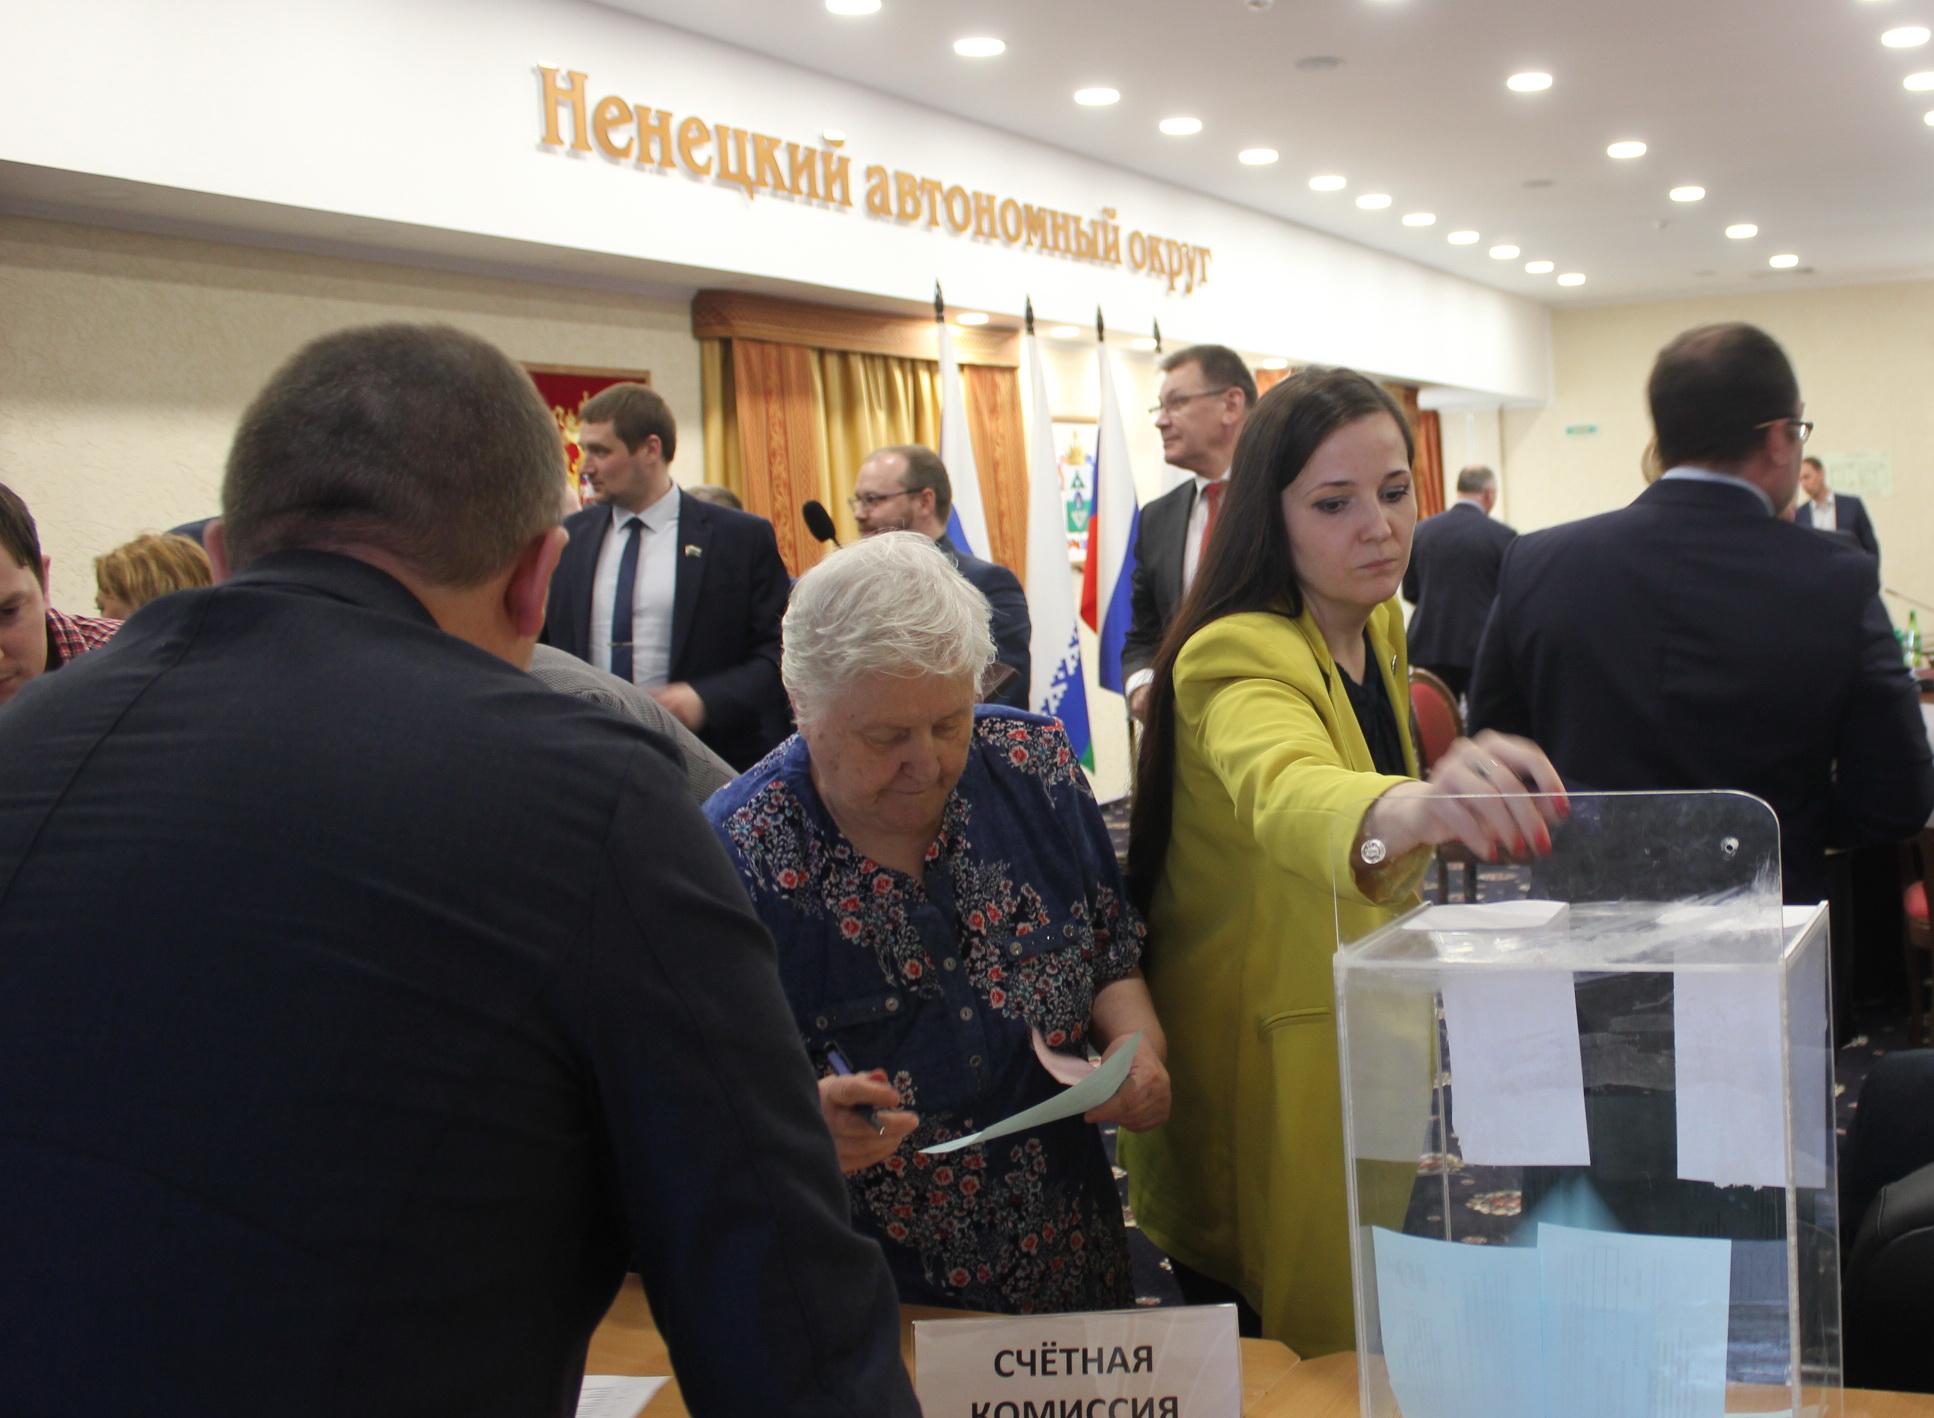 Голосует делегат конференции Юлия Храповицкая